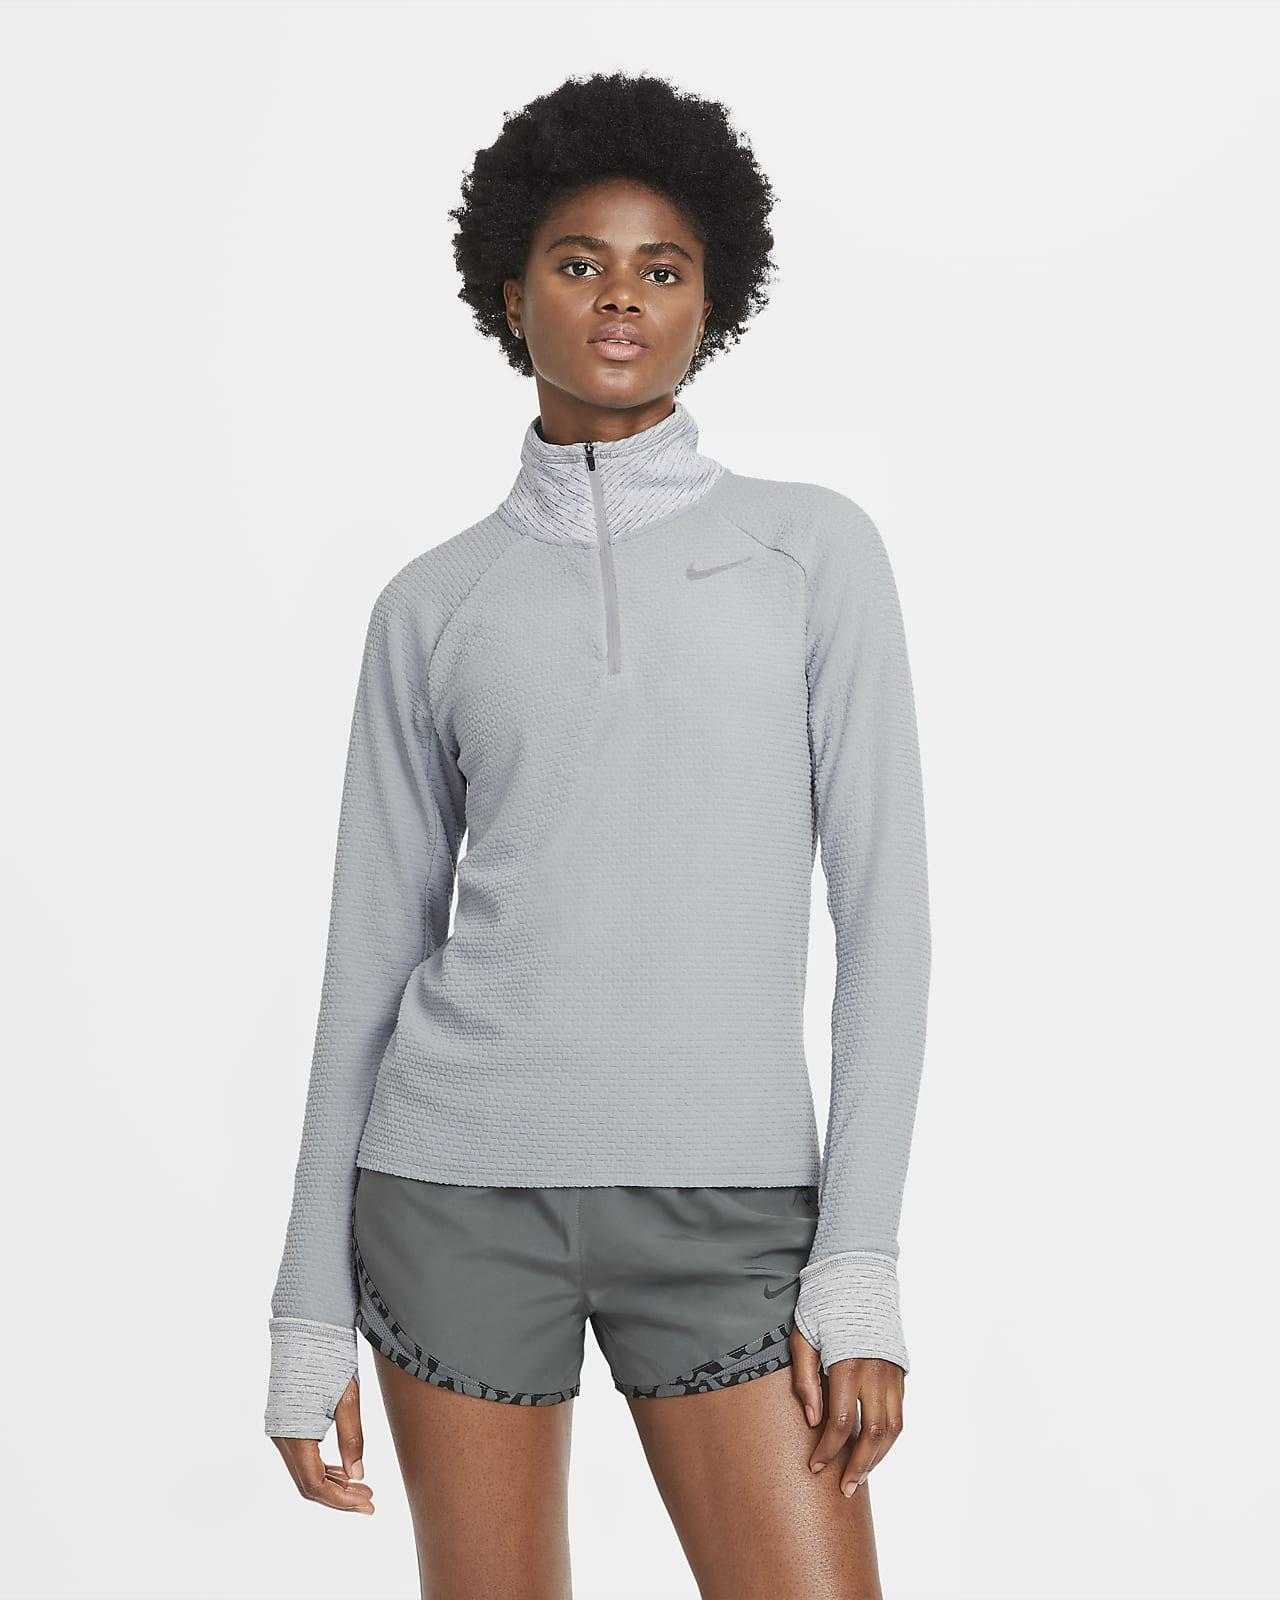 Женская беговая футболка с молнией на половину длины Nike Sphere